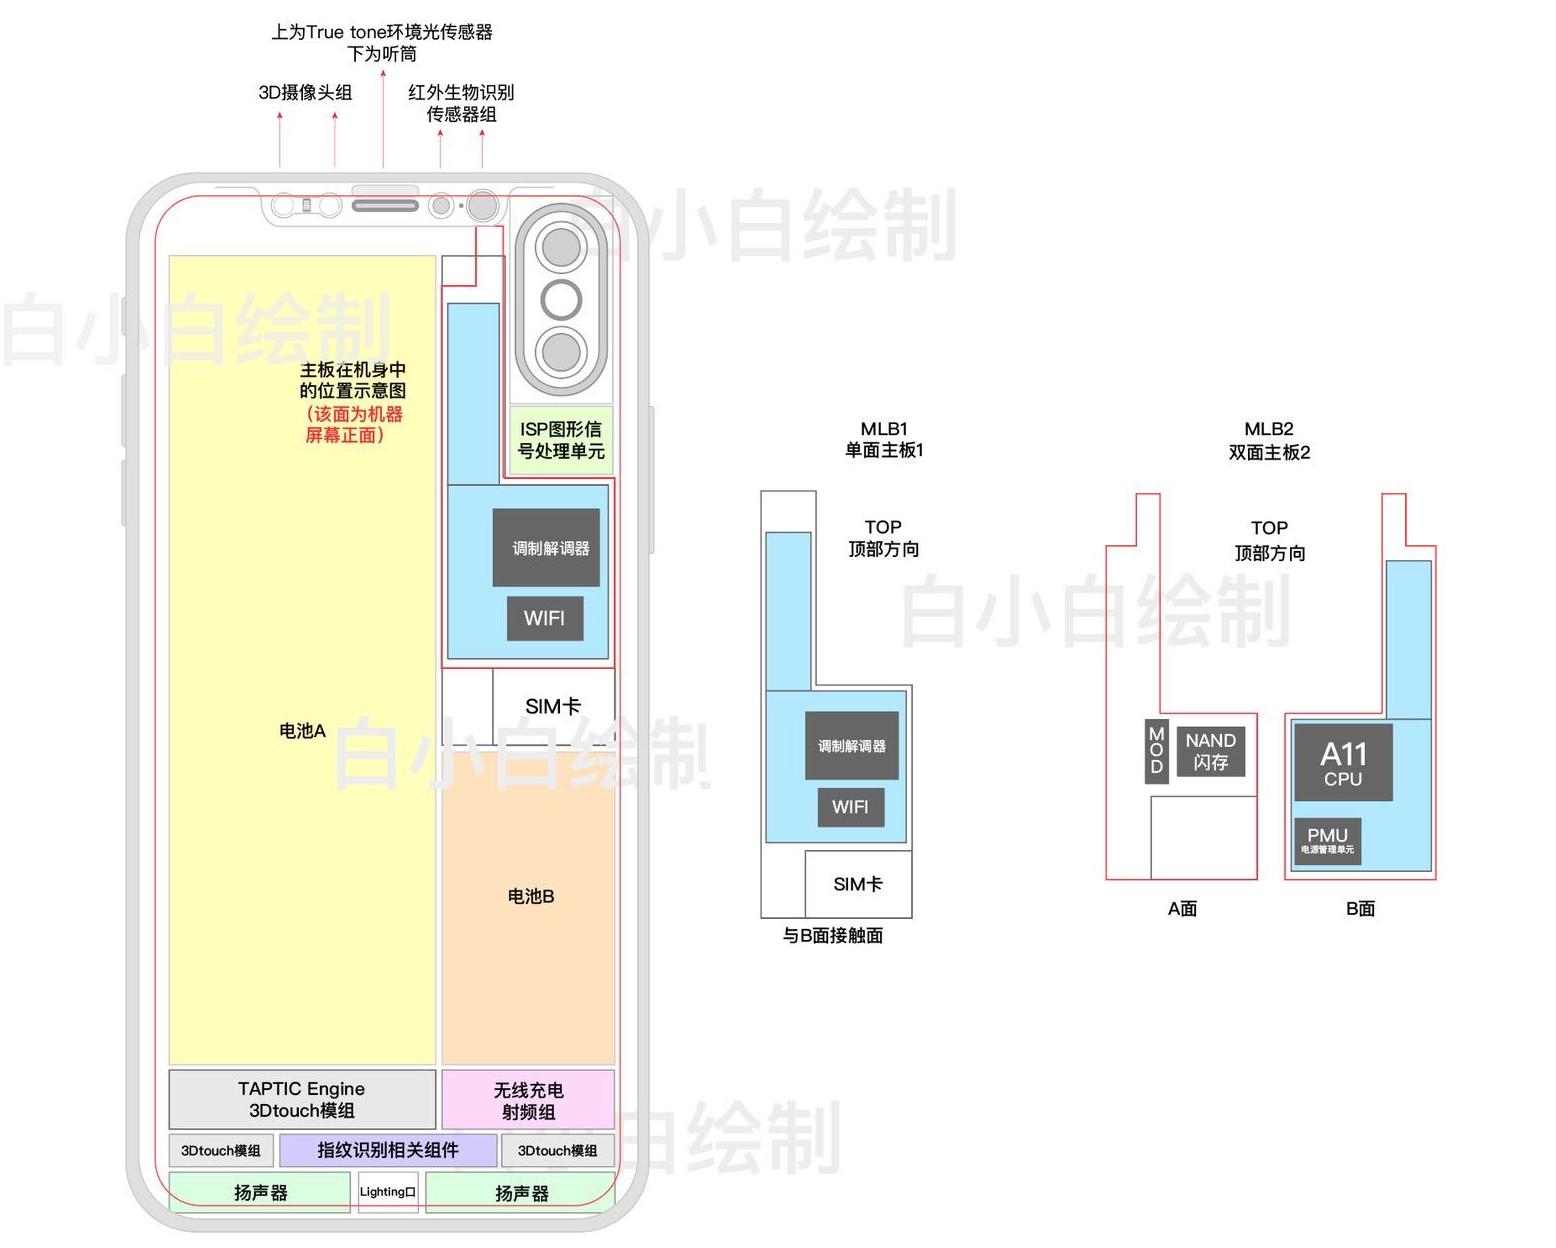 iphone 8s schema